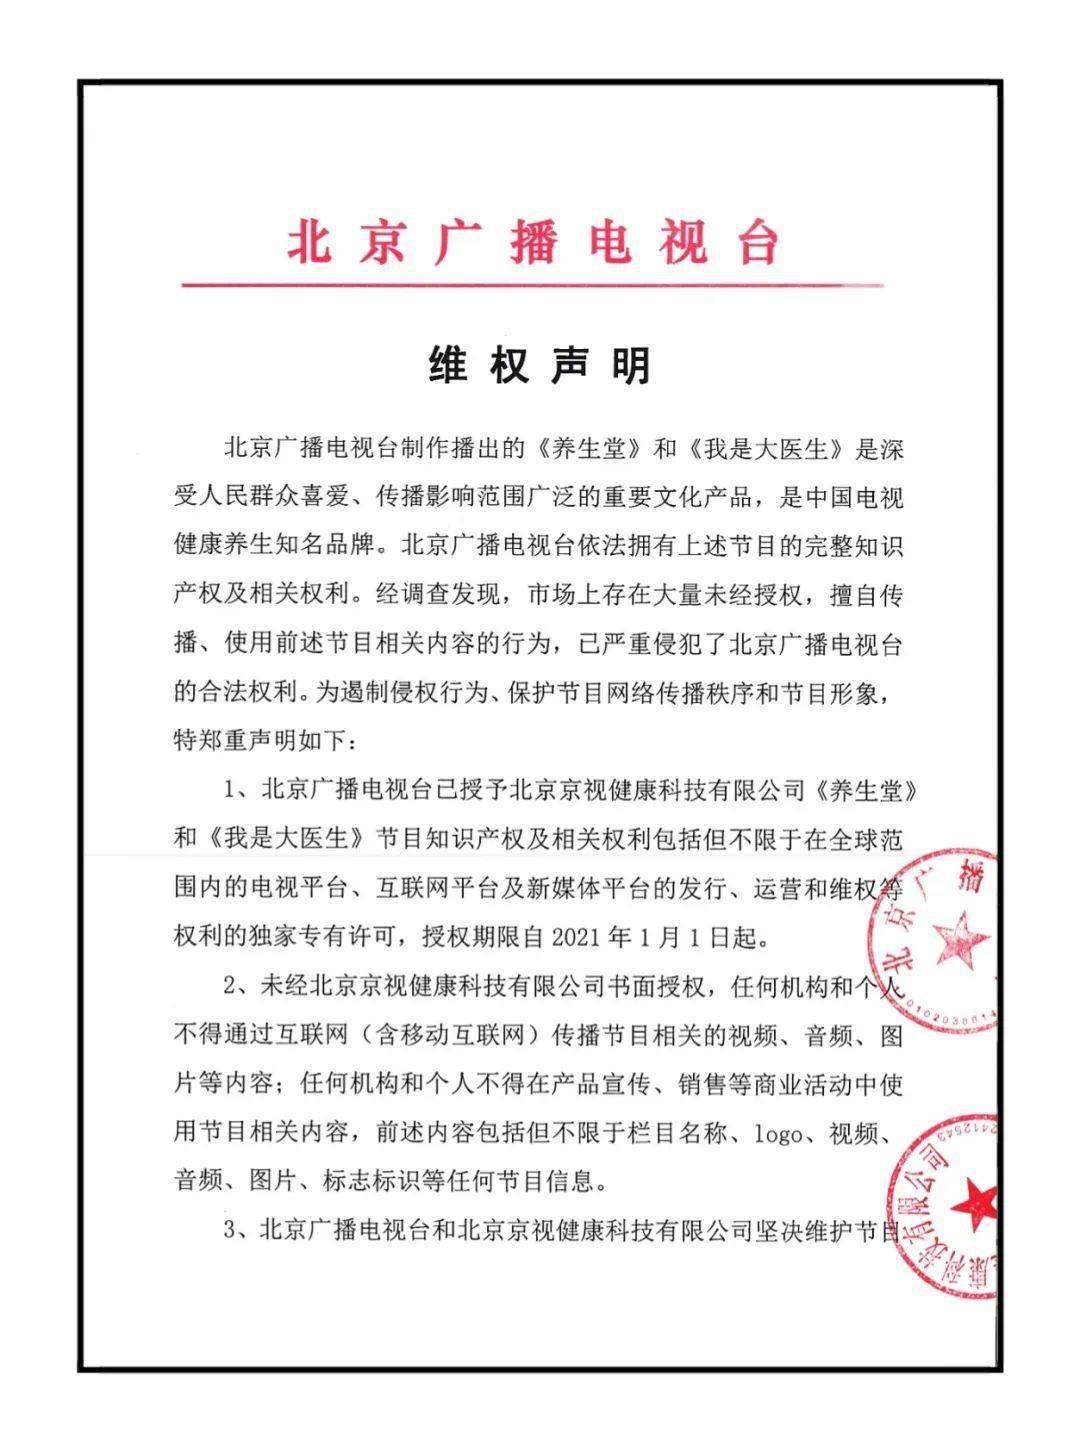 北京广播电视台维权声明